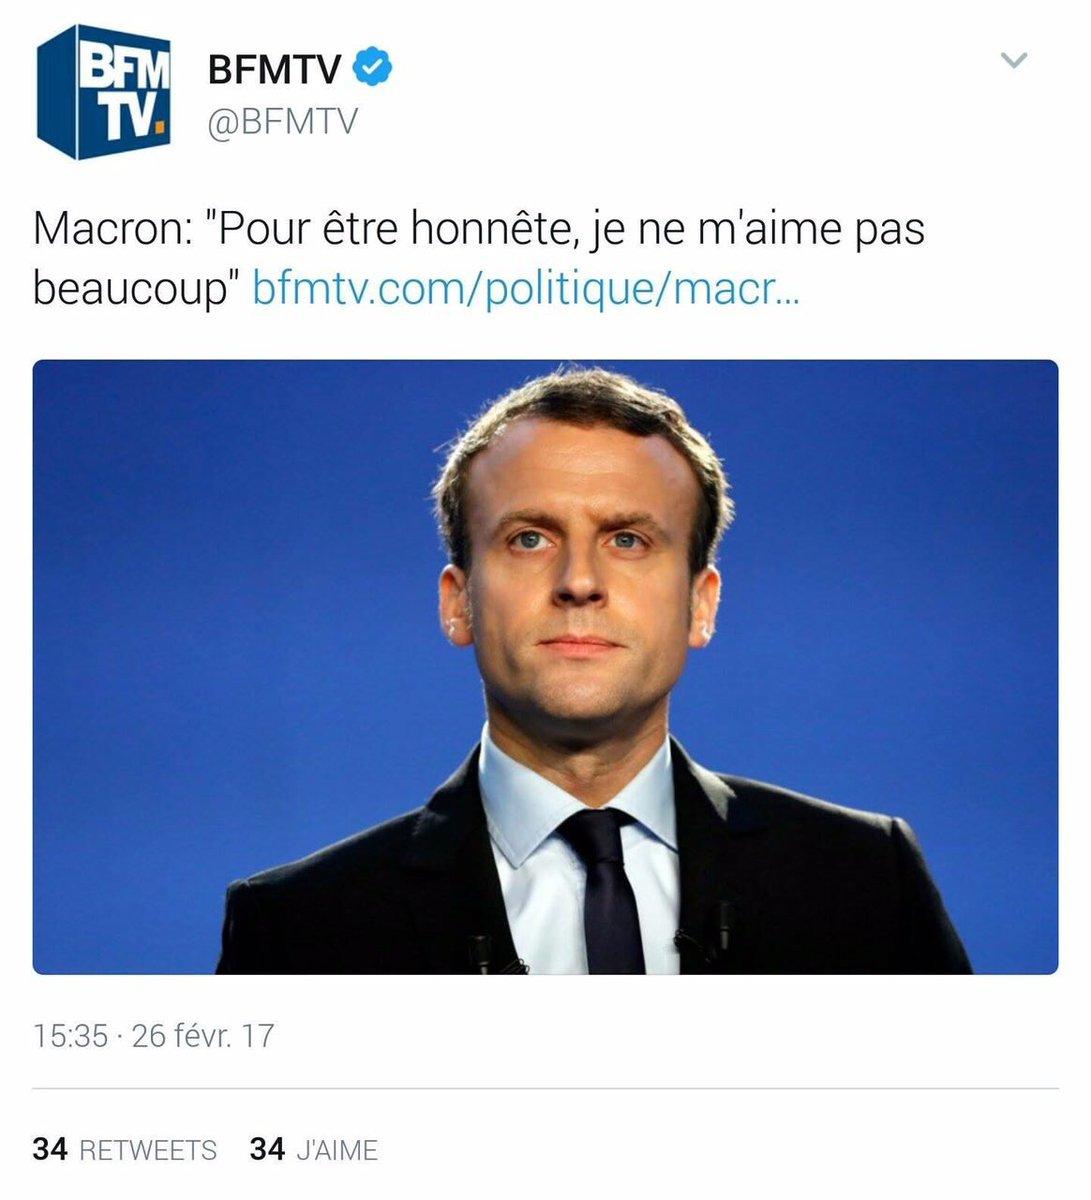 Pour etre honnête, on ne t&#39;aime pas non plus. #Macron <br>http://pic.twitter.com/HETOsLxw6c